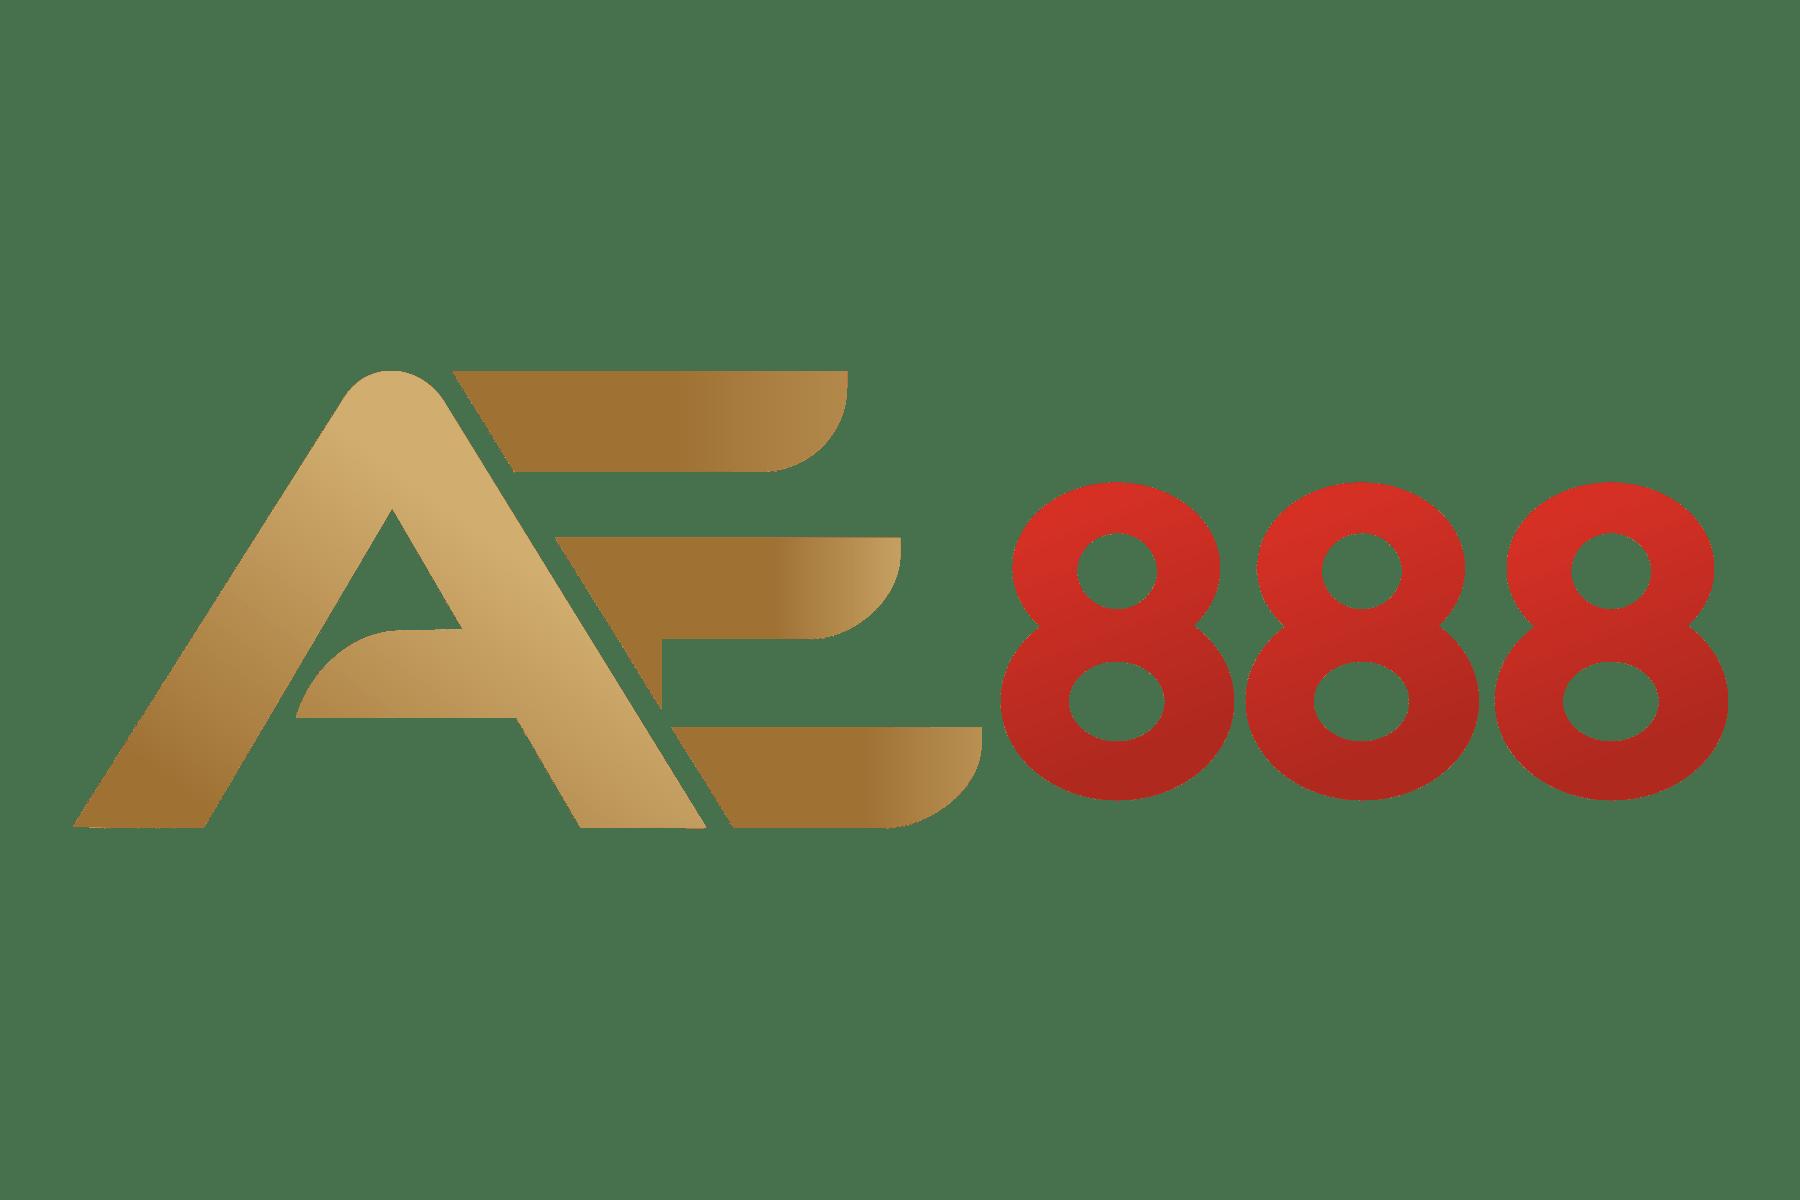 AE888 – Link vào nhà cái quốc tế AE888 mới nhất 2021